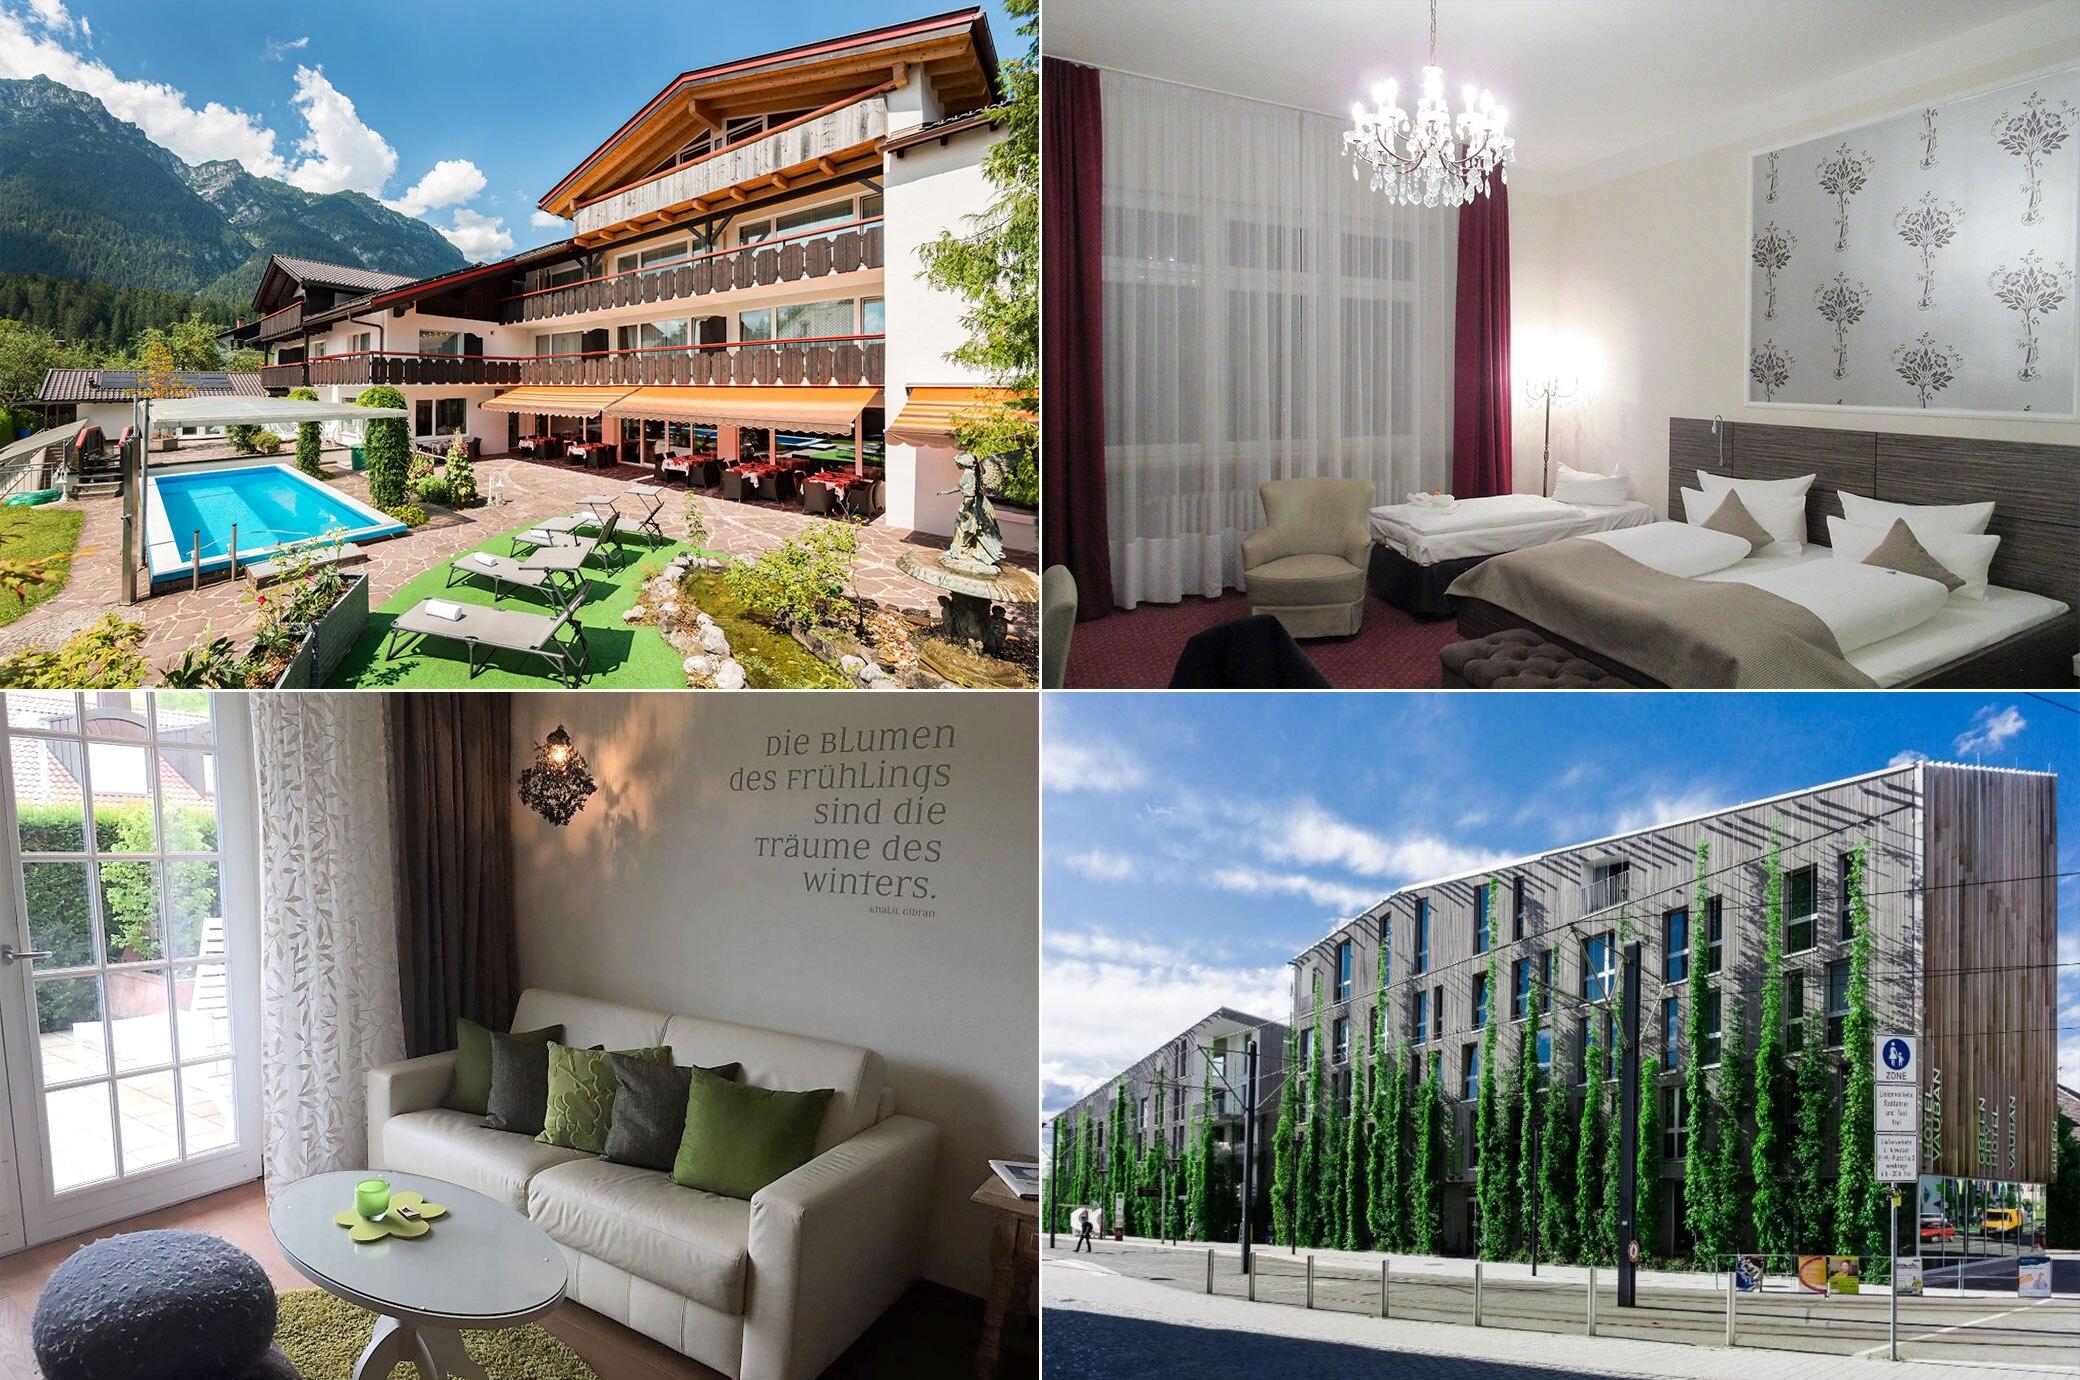 die 9 besten schn ppchen hotels in deutschland travelbook. Black Bedroom Furniture Sets. Home Design Ideas